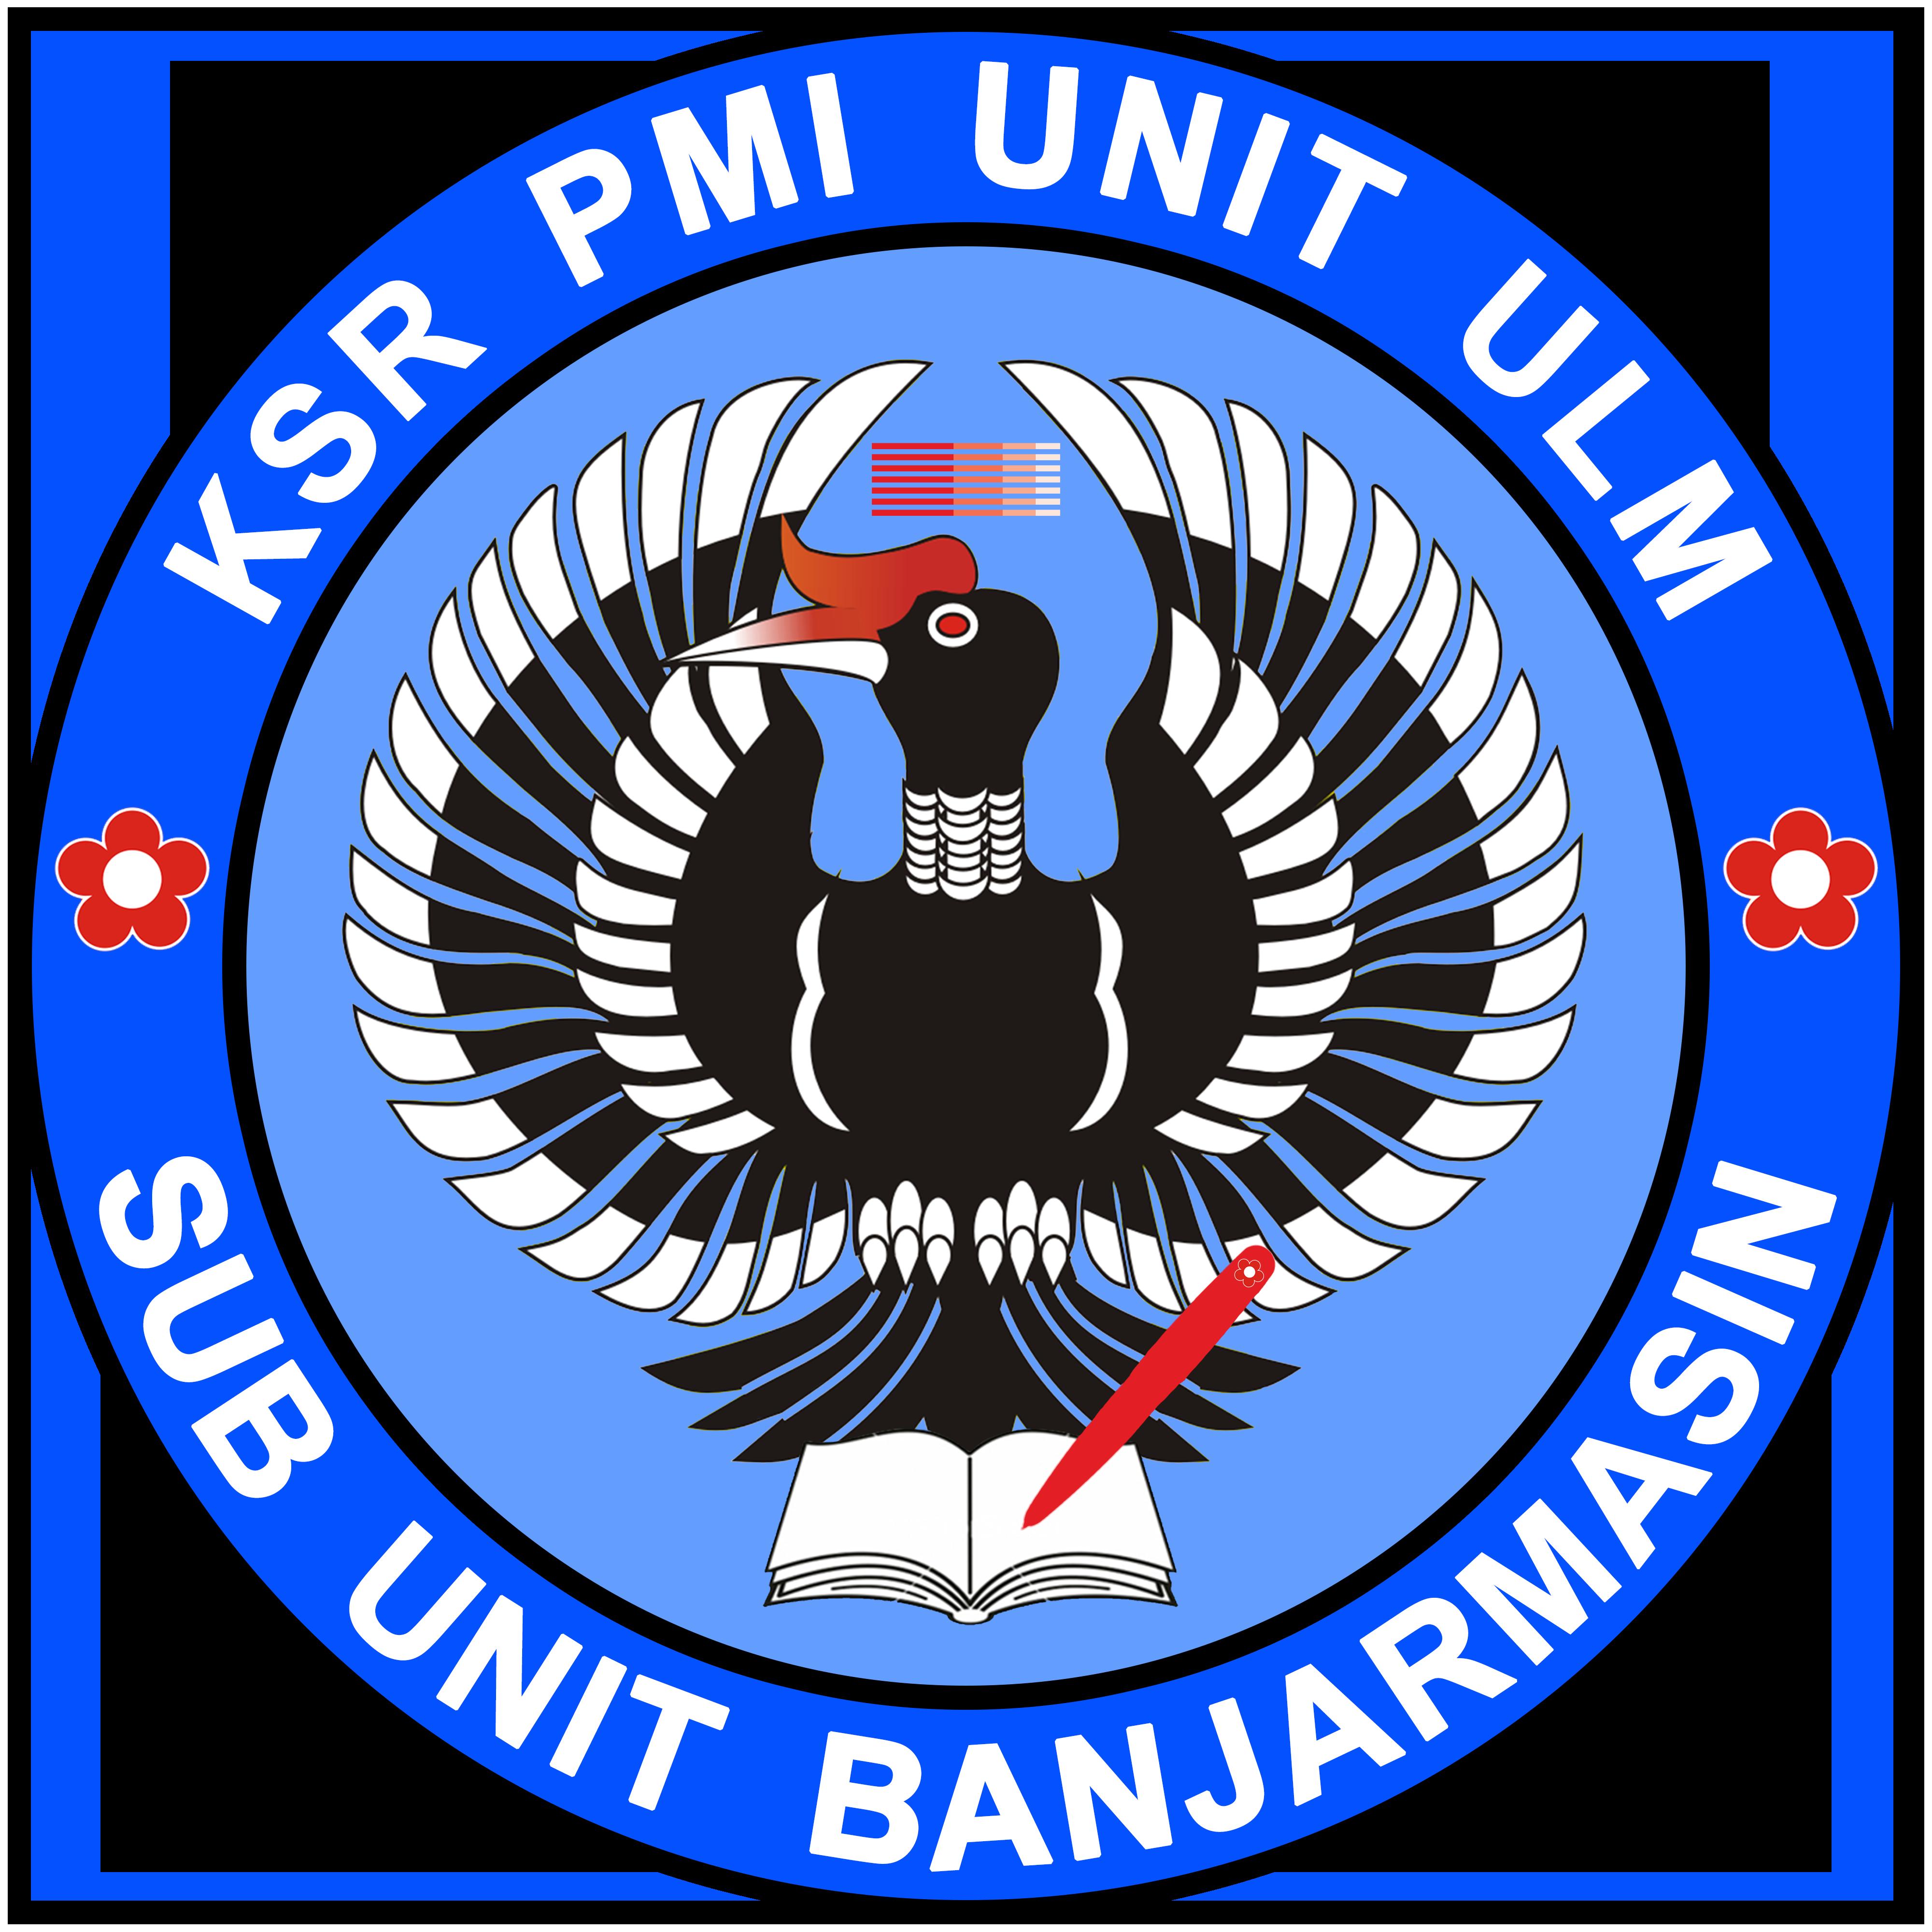 KSR Banjarmasin